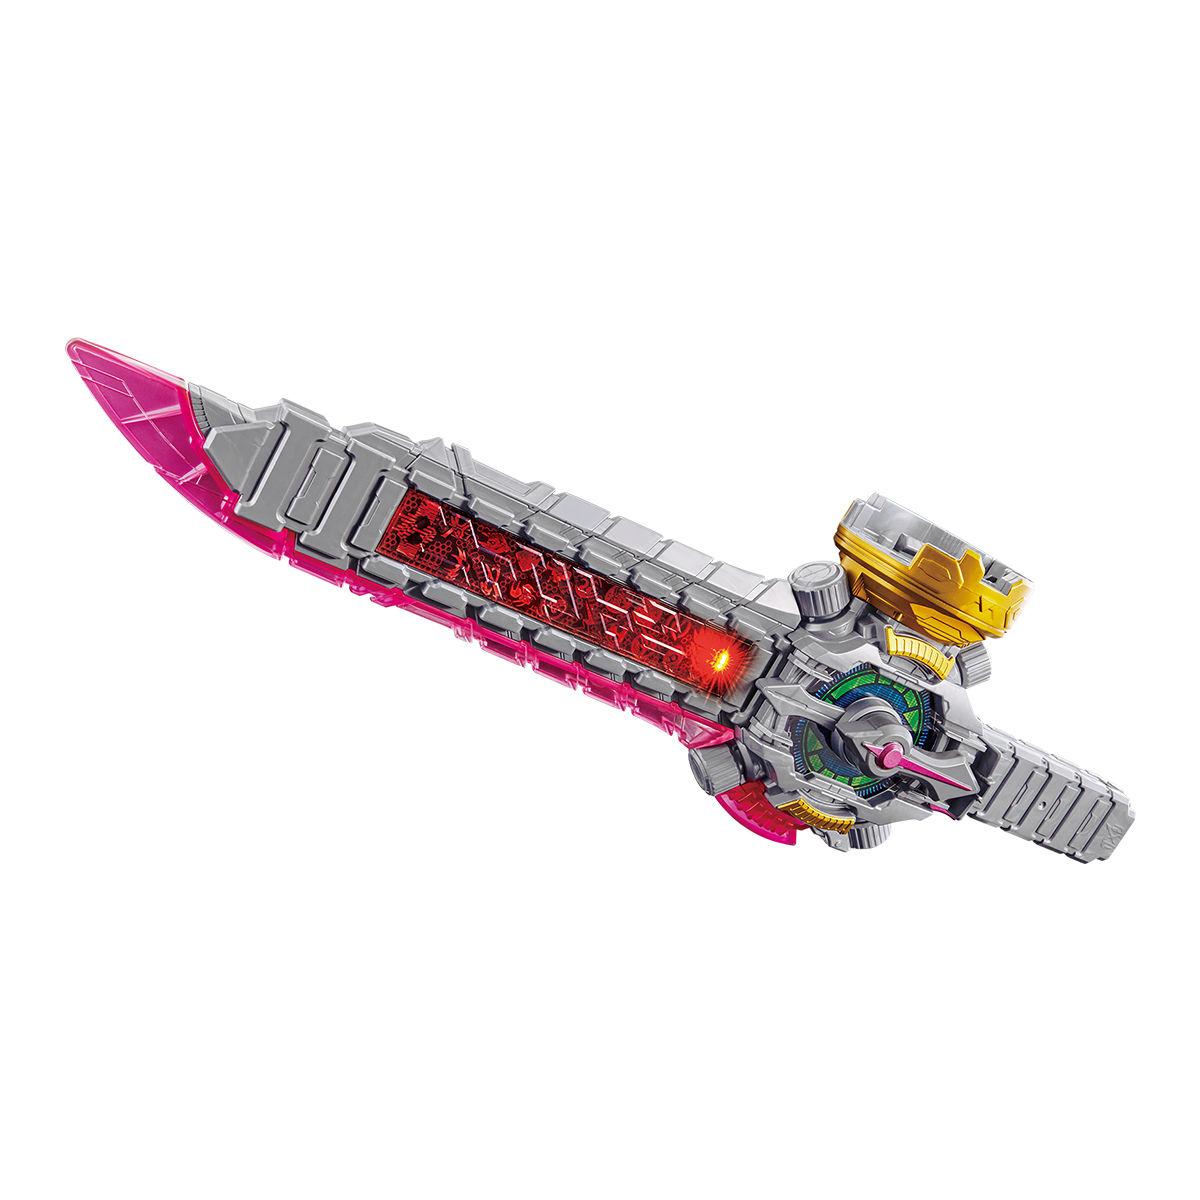 仮面ライダージオウ『超針回転剣 DXライドヘイセイバー』変身なりきり-001